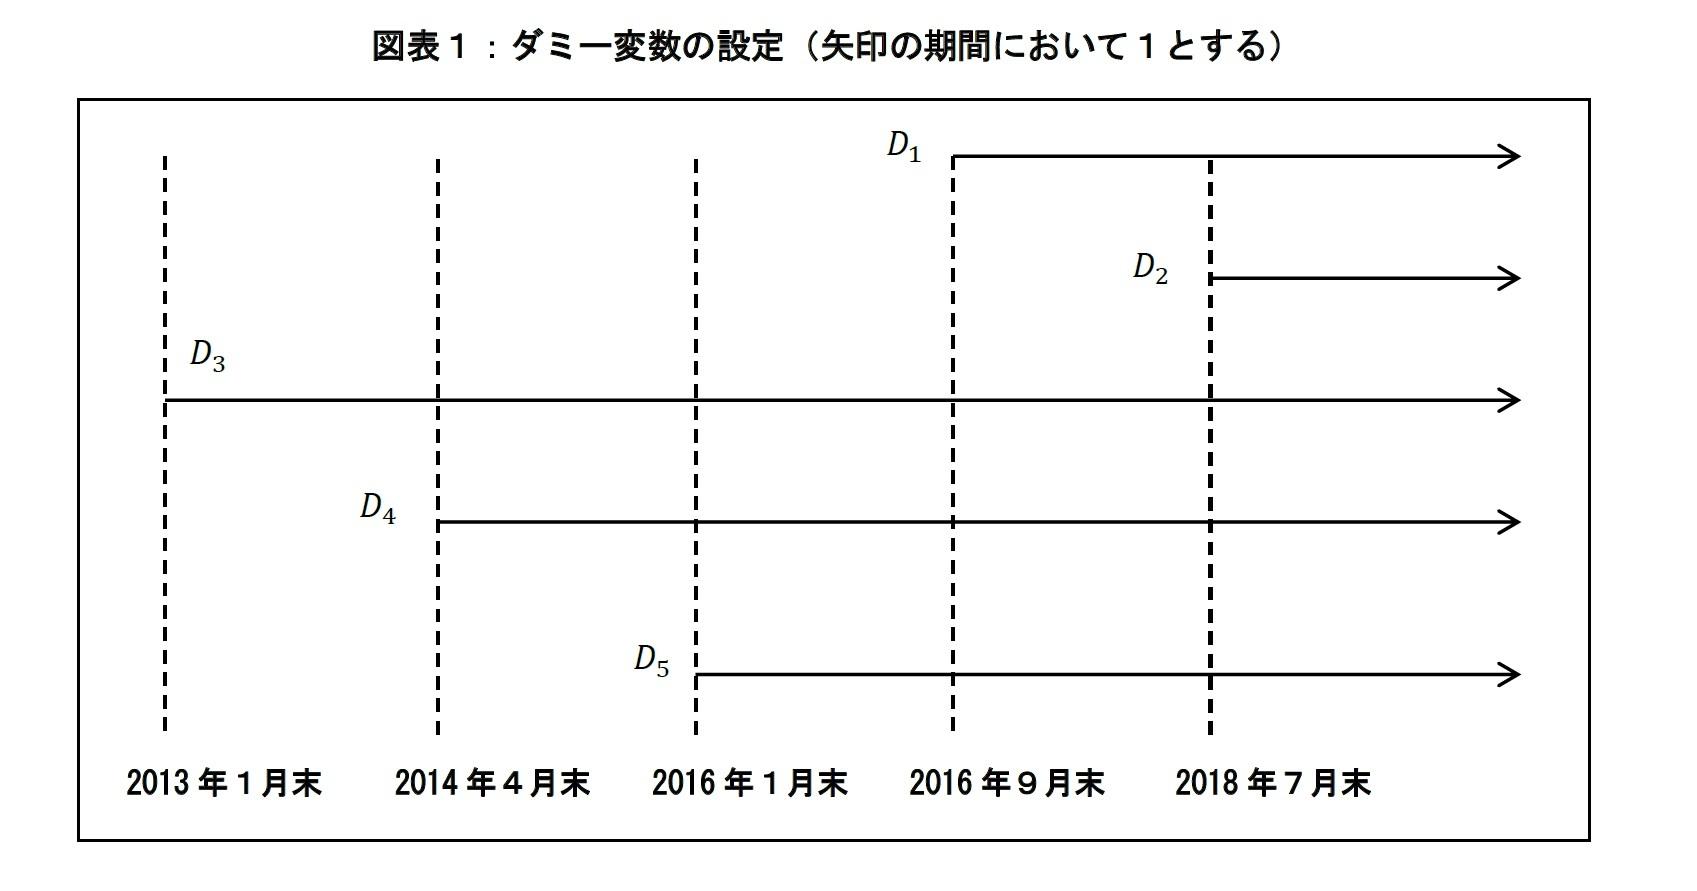 図表1:ダミー変数の設定(矢印の期間において1とする)